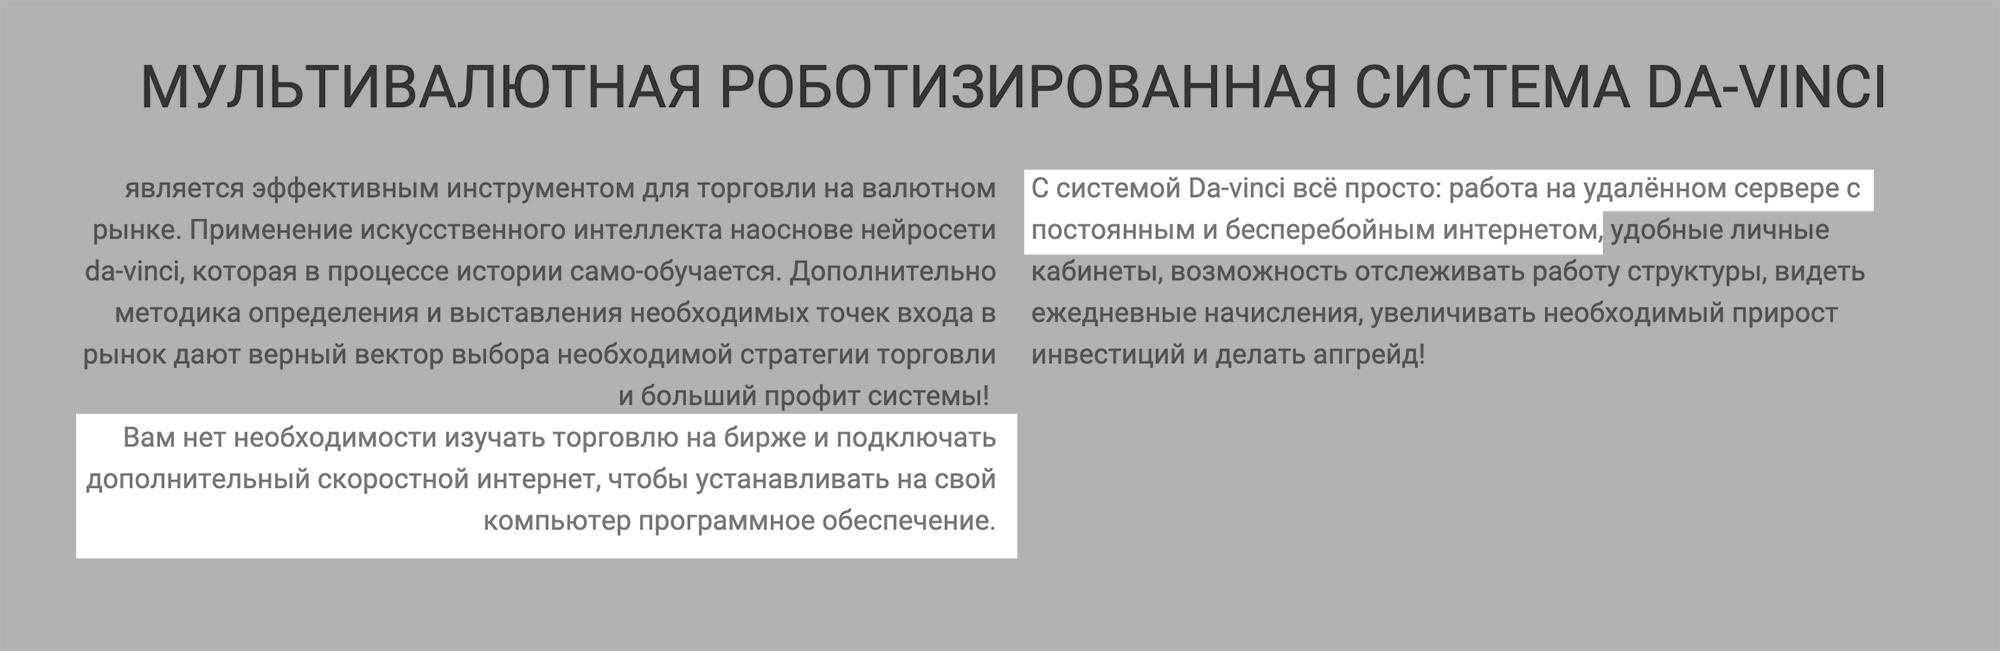 Сайт da-vinchi.pro несколько косноязычно сообщает, что «Да Винчи» работает на удаленном сервере